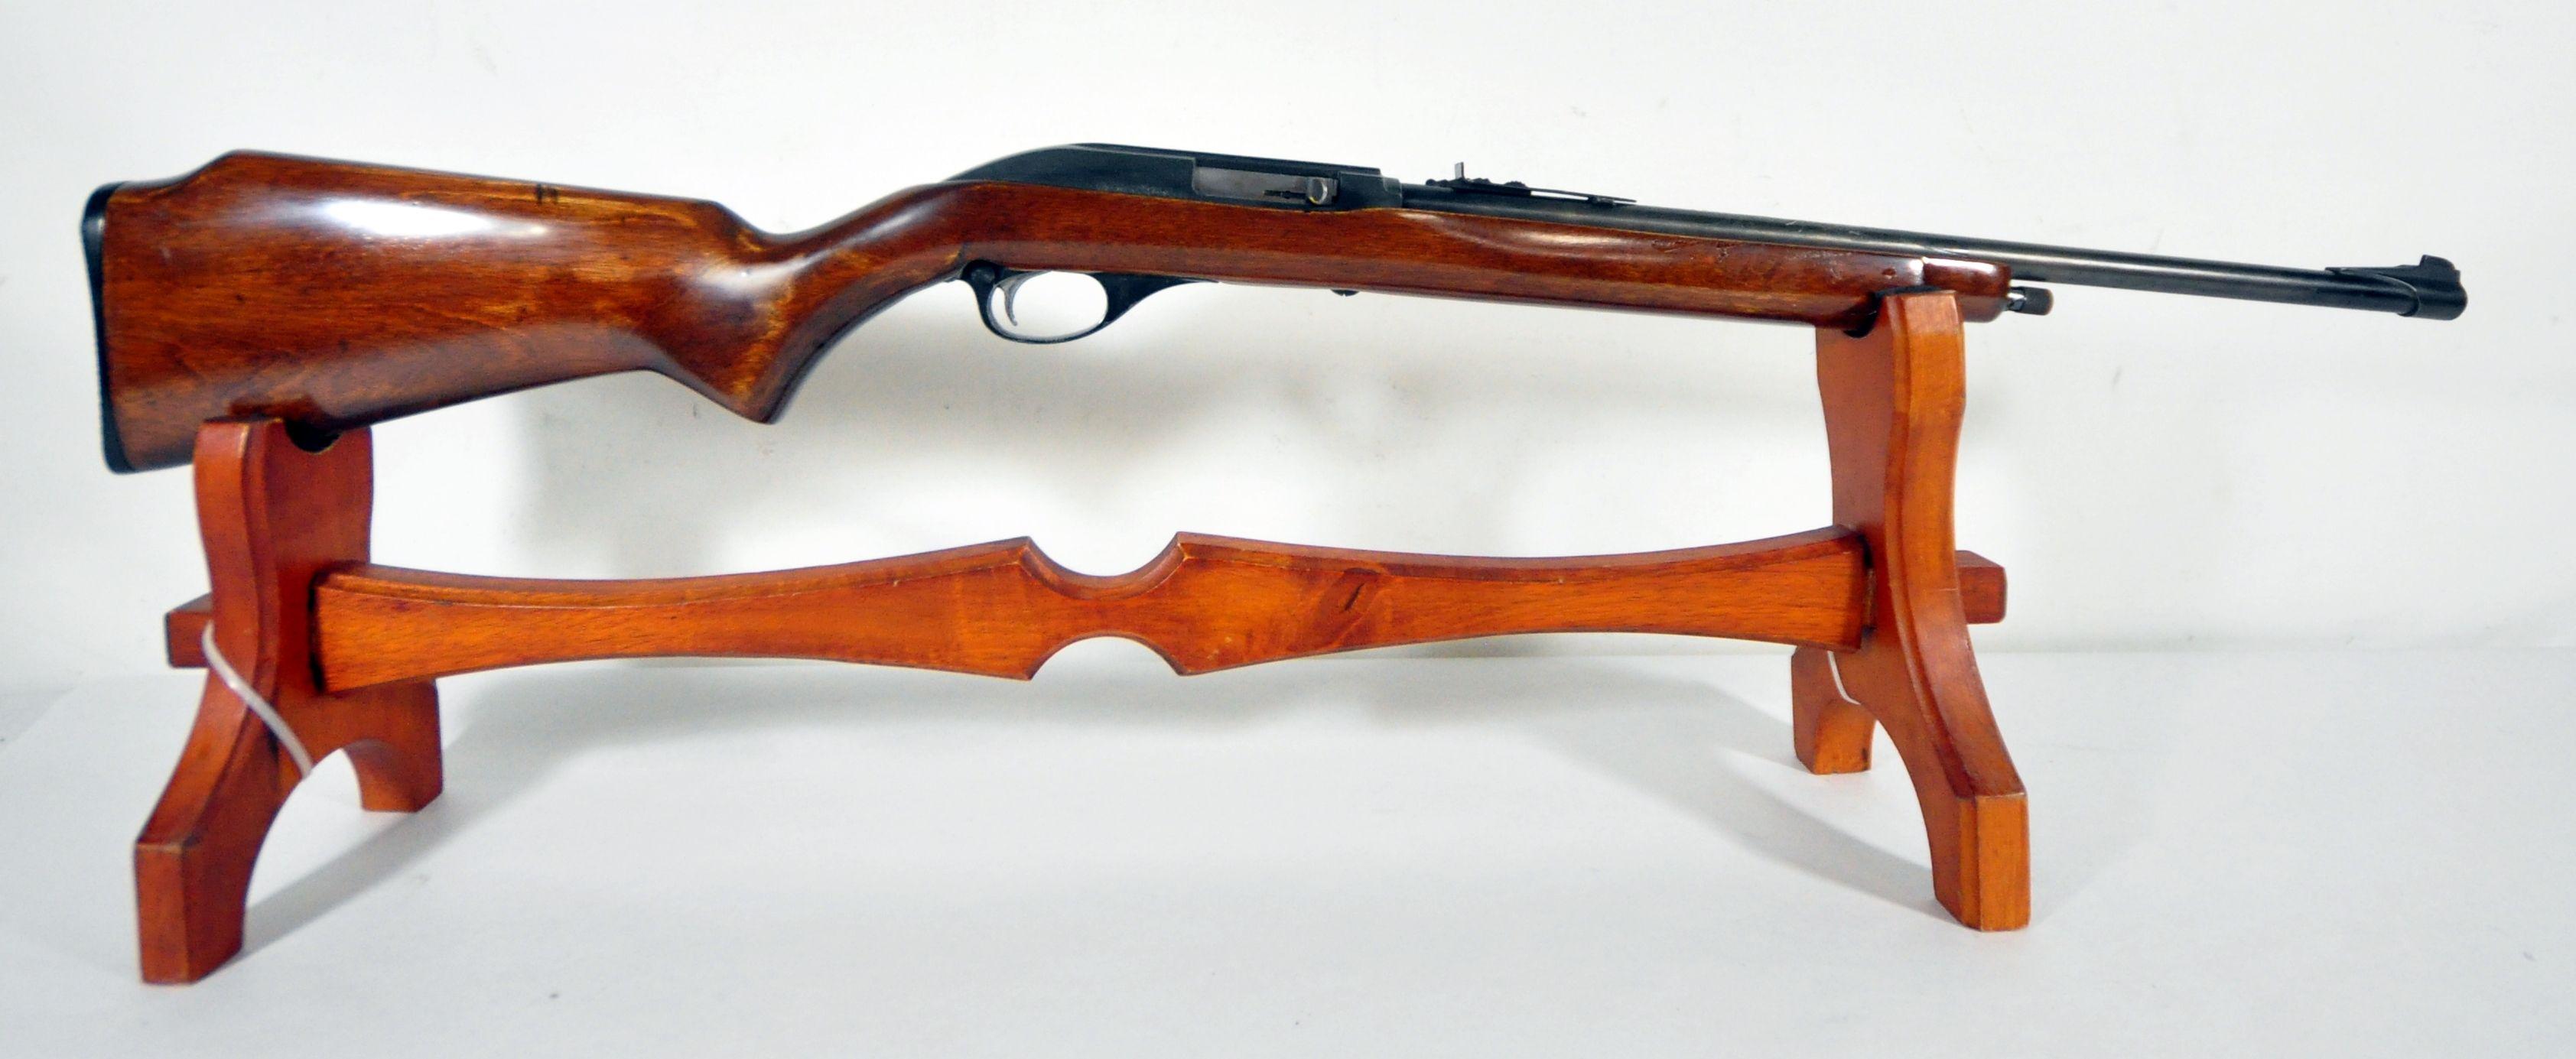 Marlin Modell 60 Seriennummer Anschluss